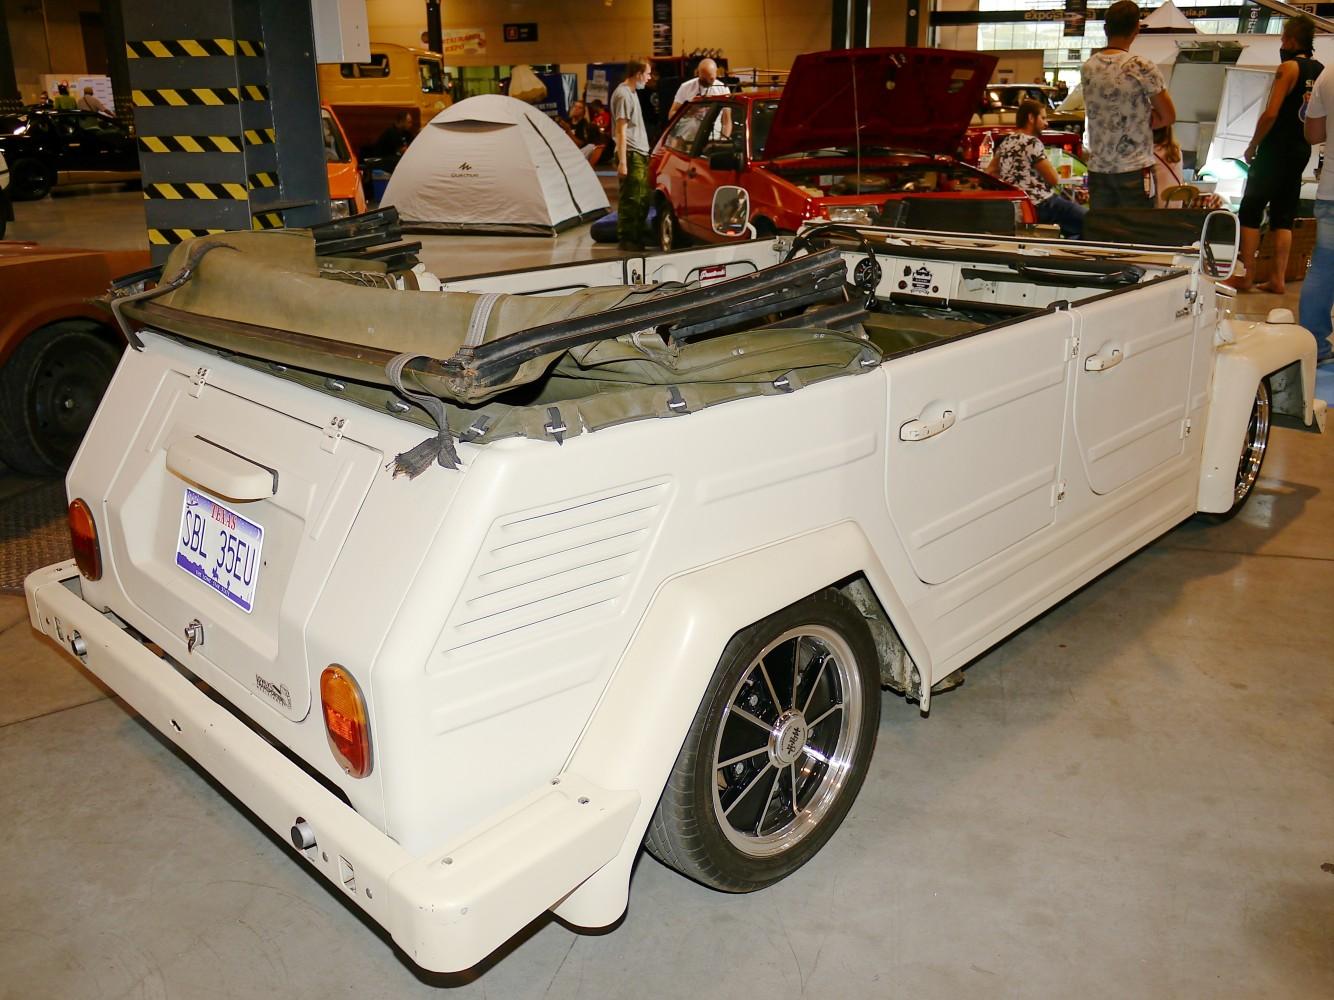 Kliknij obrazek, aby uzyskać większą wersję  Nazwa:VW Typ 181.jpg Wyświetleń:48 Rozmiar:295,6 KB ID:232810